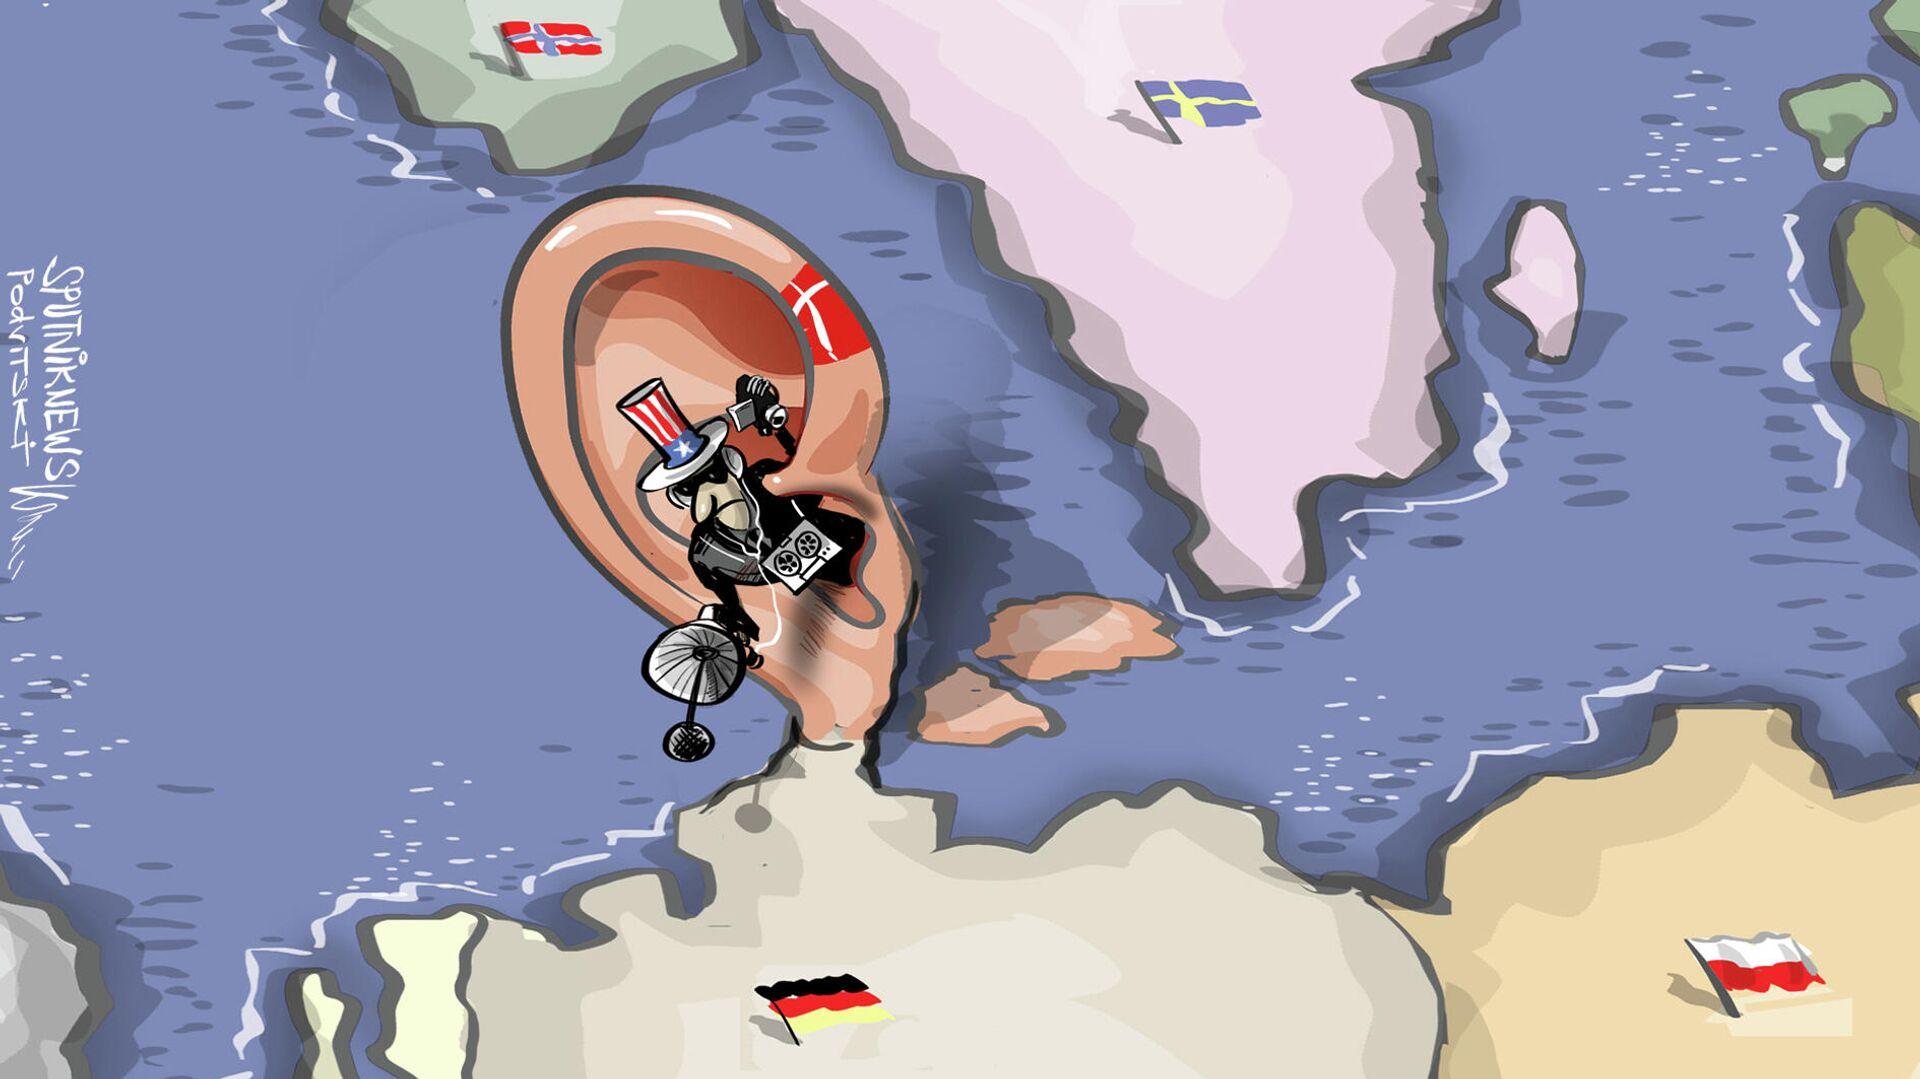 ¿Puso Dinamarca la oreja en Alemania para espiar a su vecino? - Sputnik Mundo, 1920, 31.05.2021